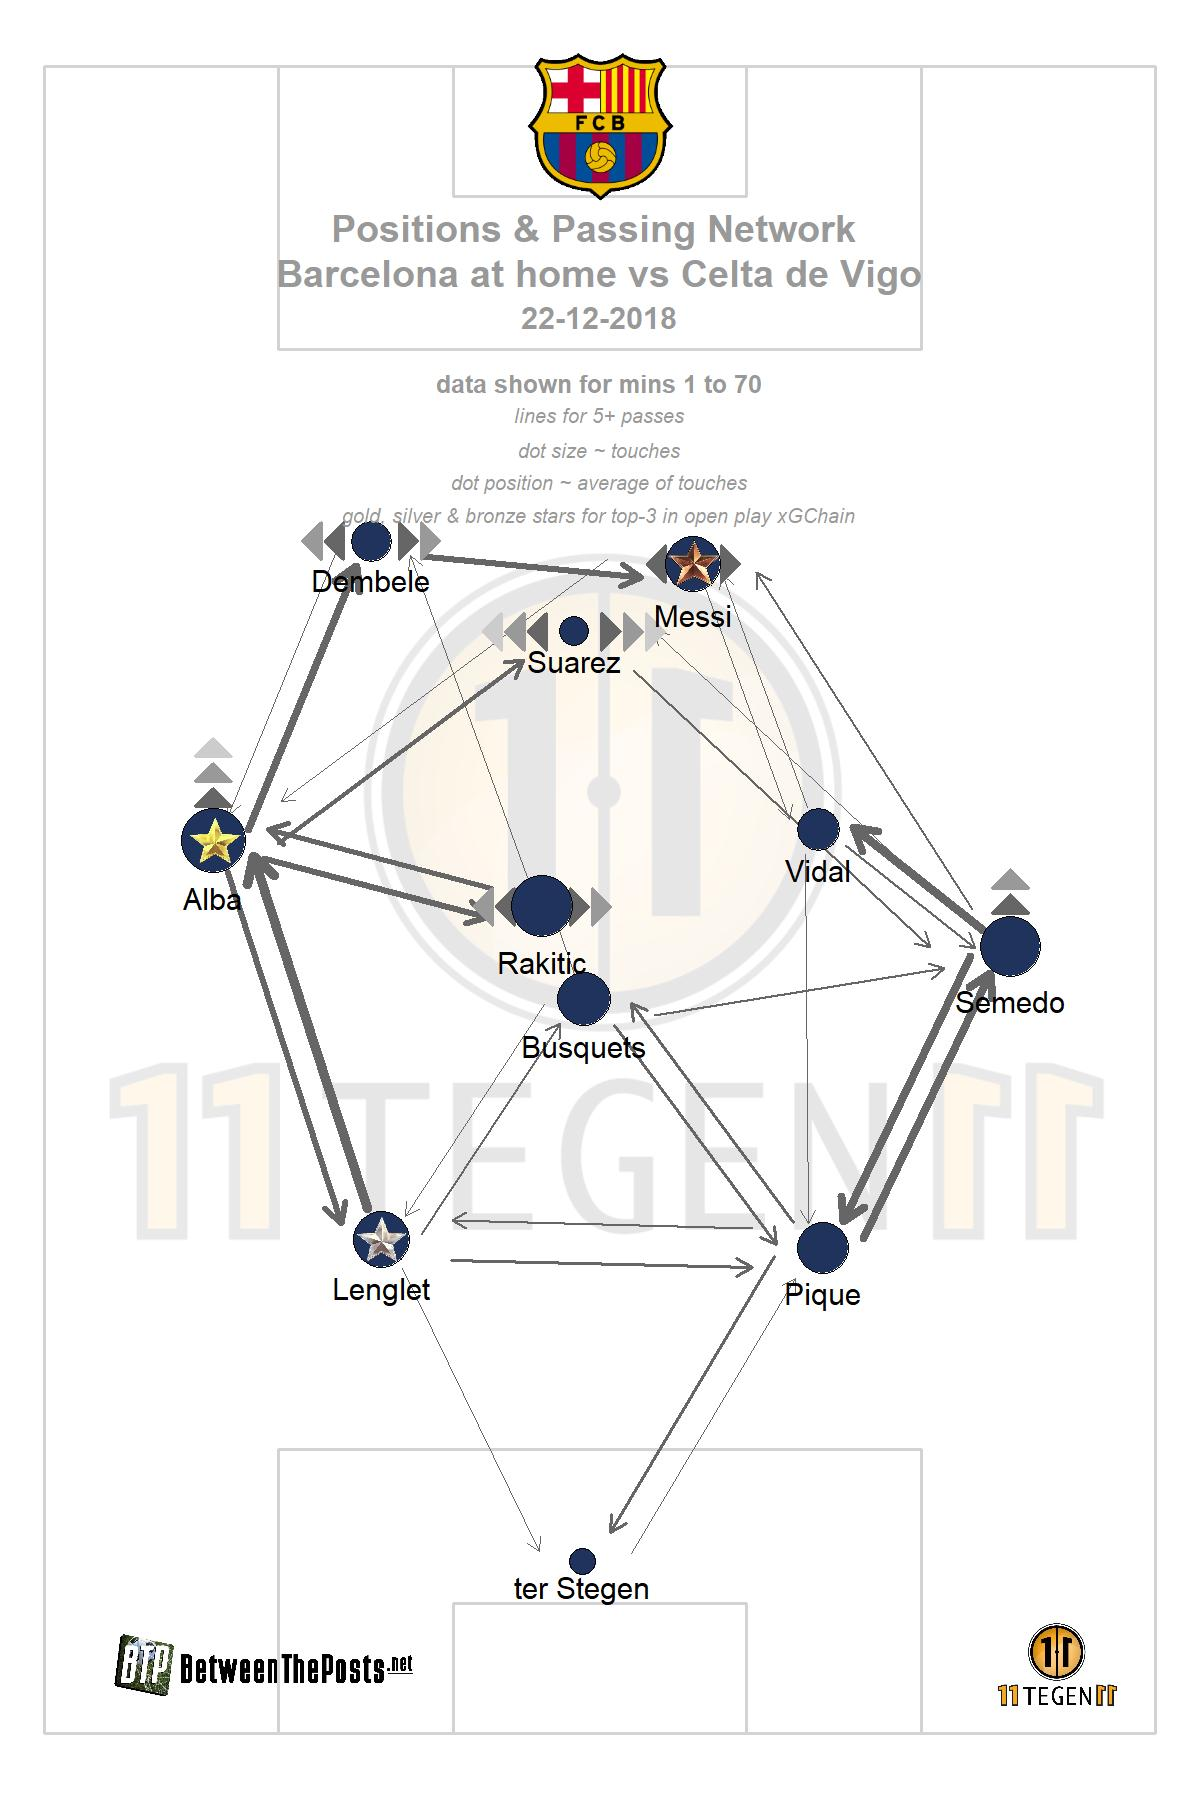 Passmap Barcelona - Celta de Vigo 2-0 La Liga